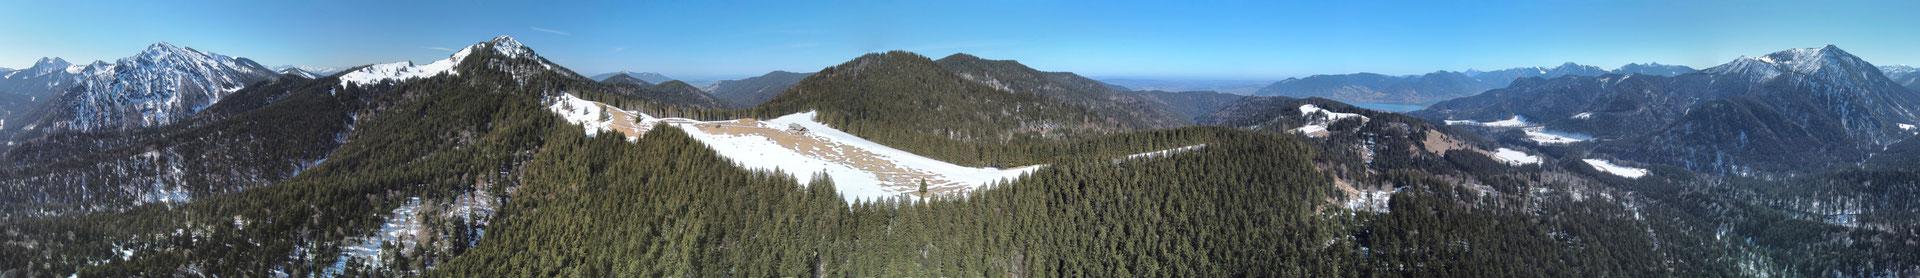 Panorama - Drohnenfoto - Landschaft - Berge - Alpen - Schnee - Winter - Ausflug - Wanderung - Aueralm - Bad Wiesse - Tegernsee